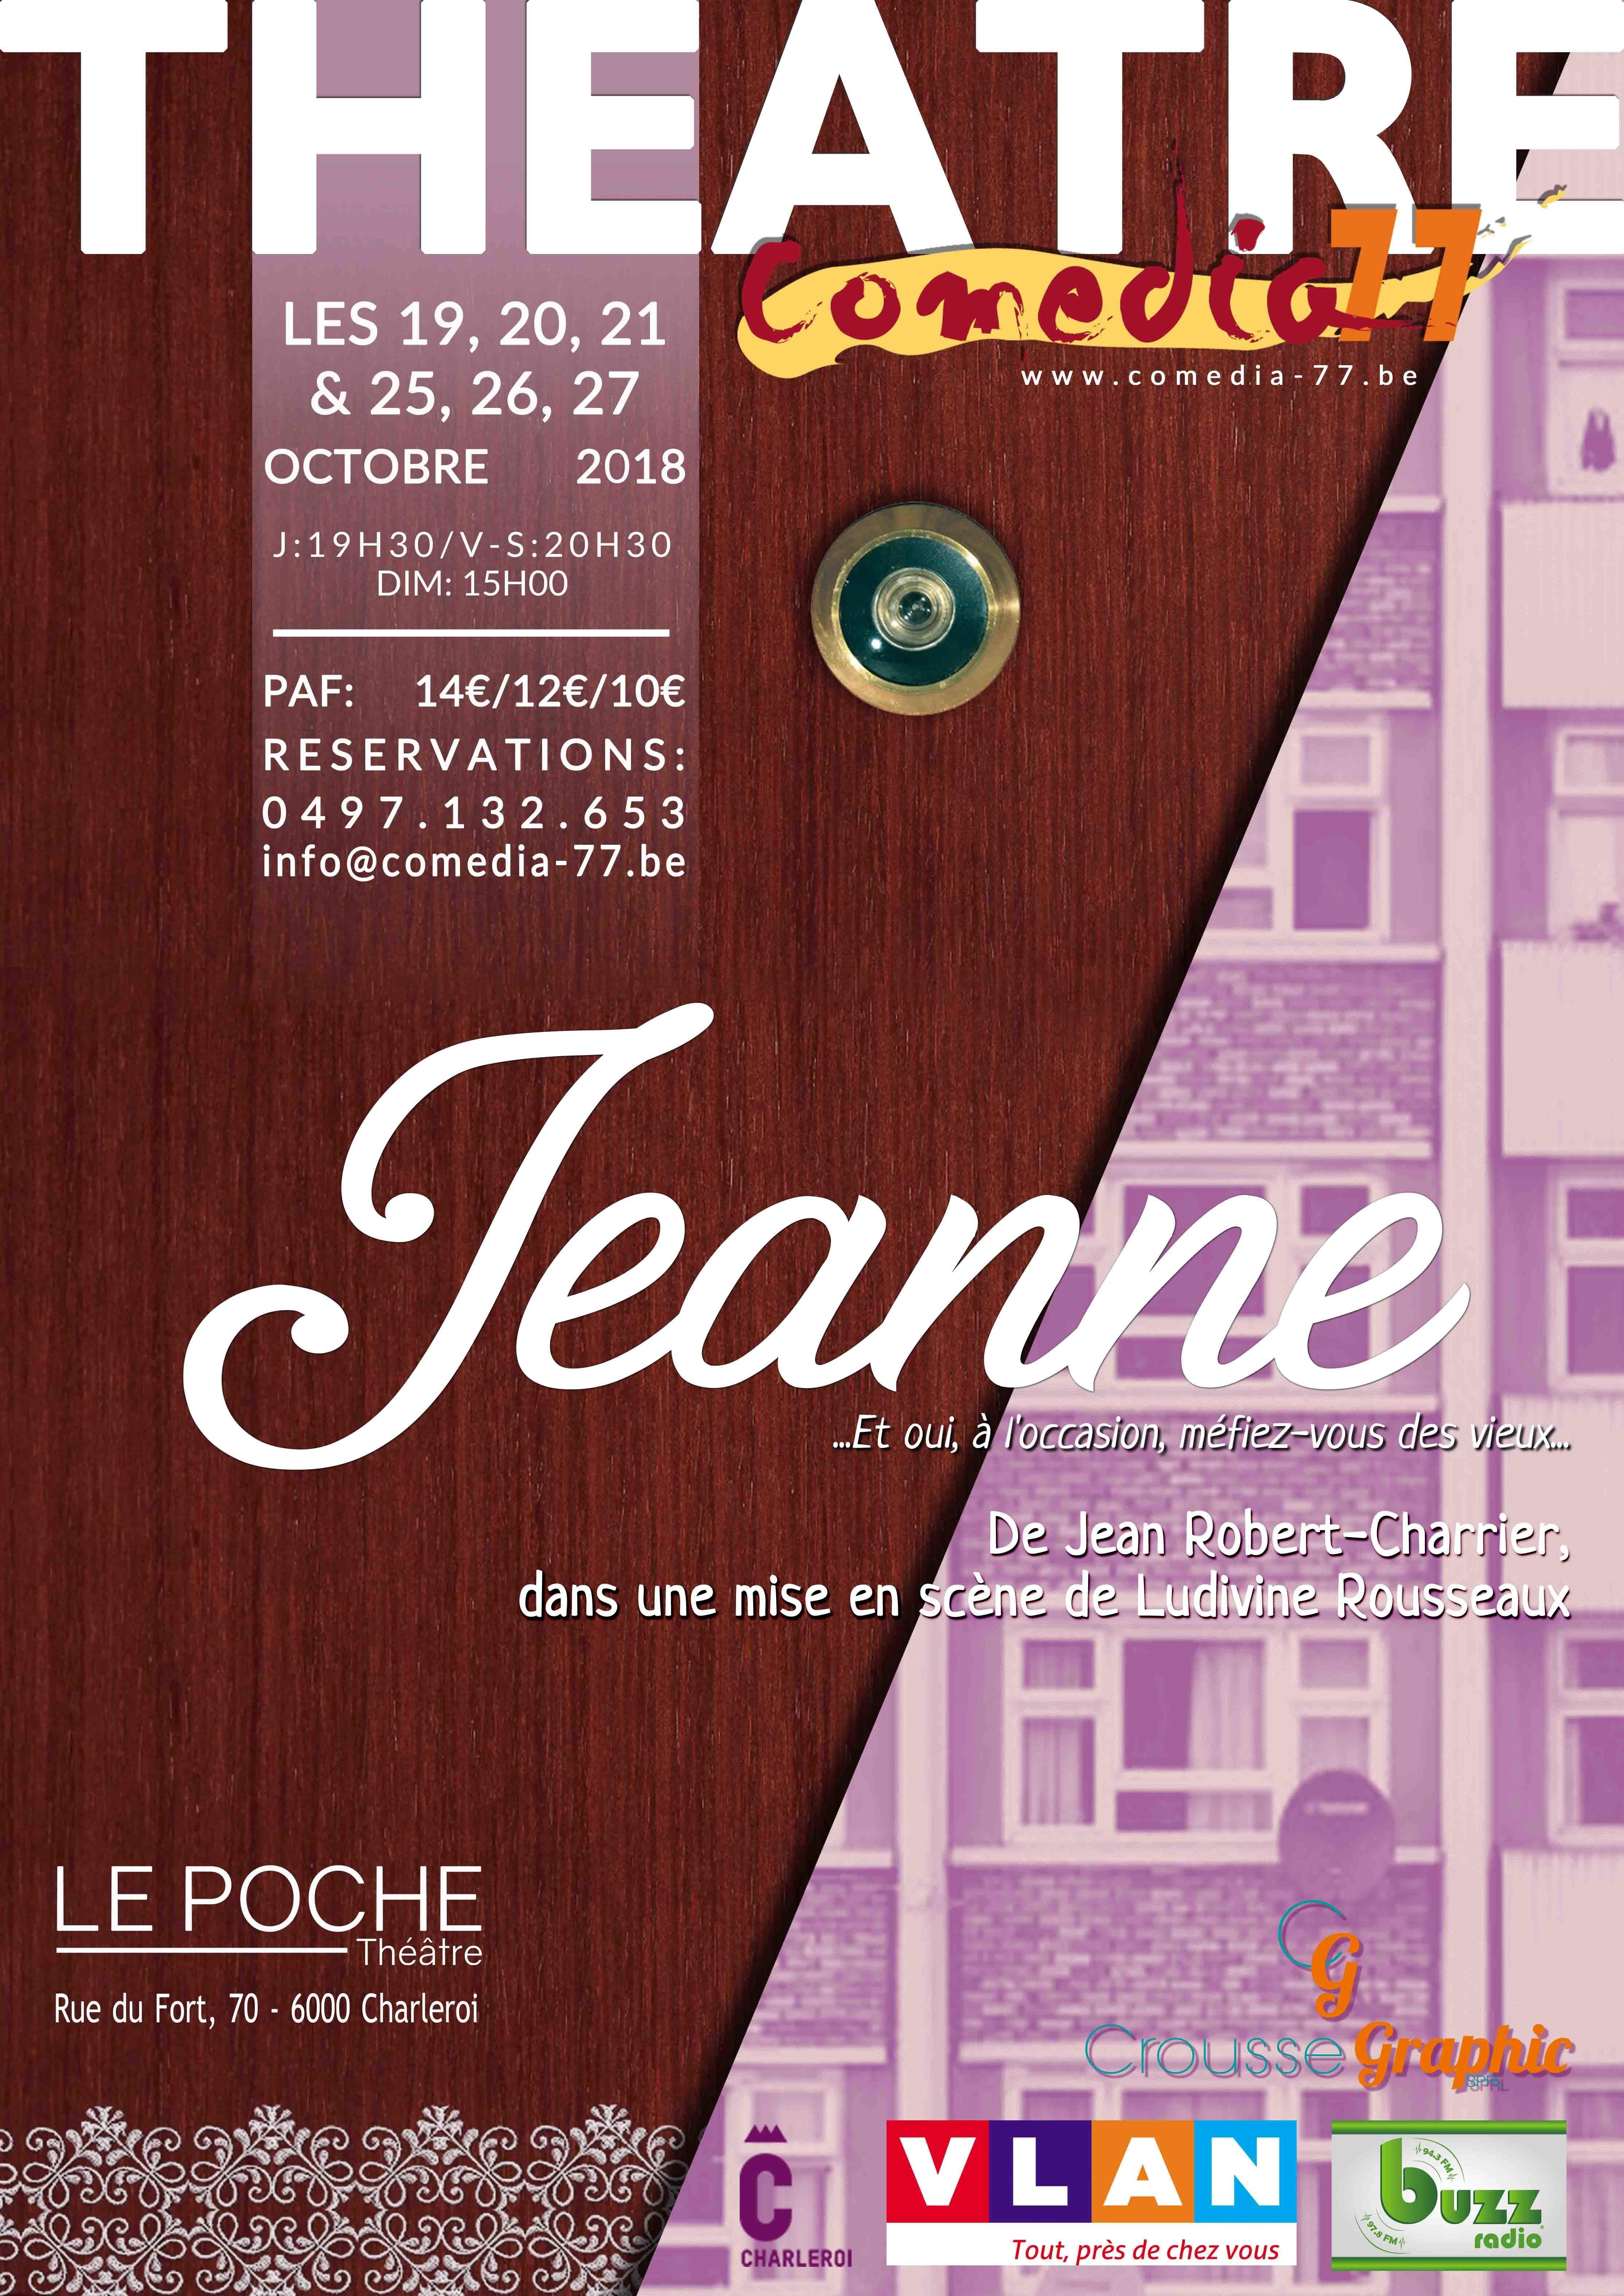 Jeanne par Comedia77